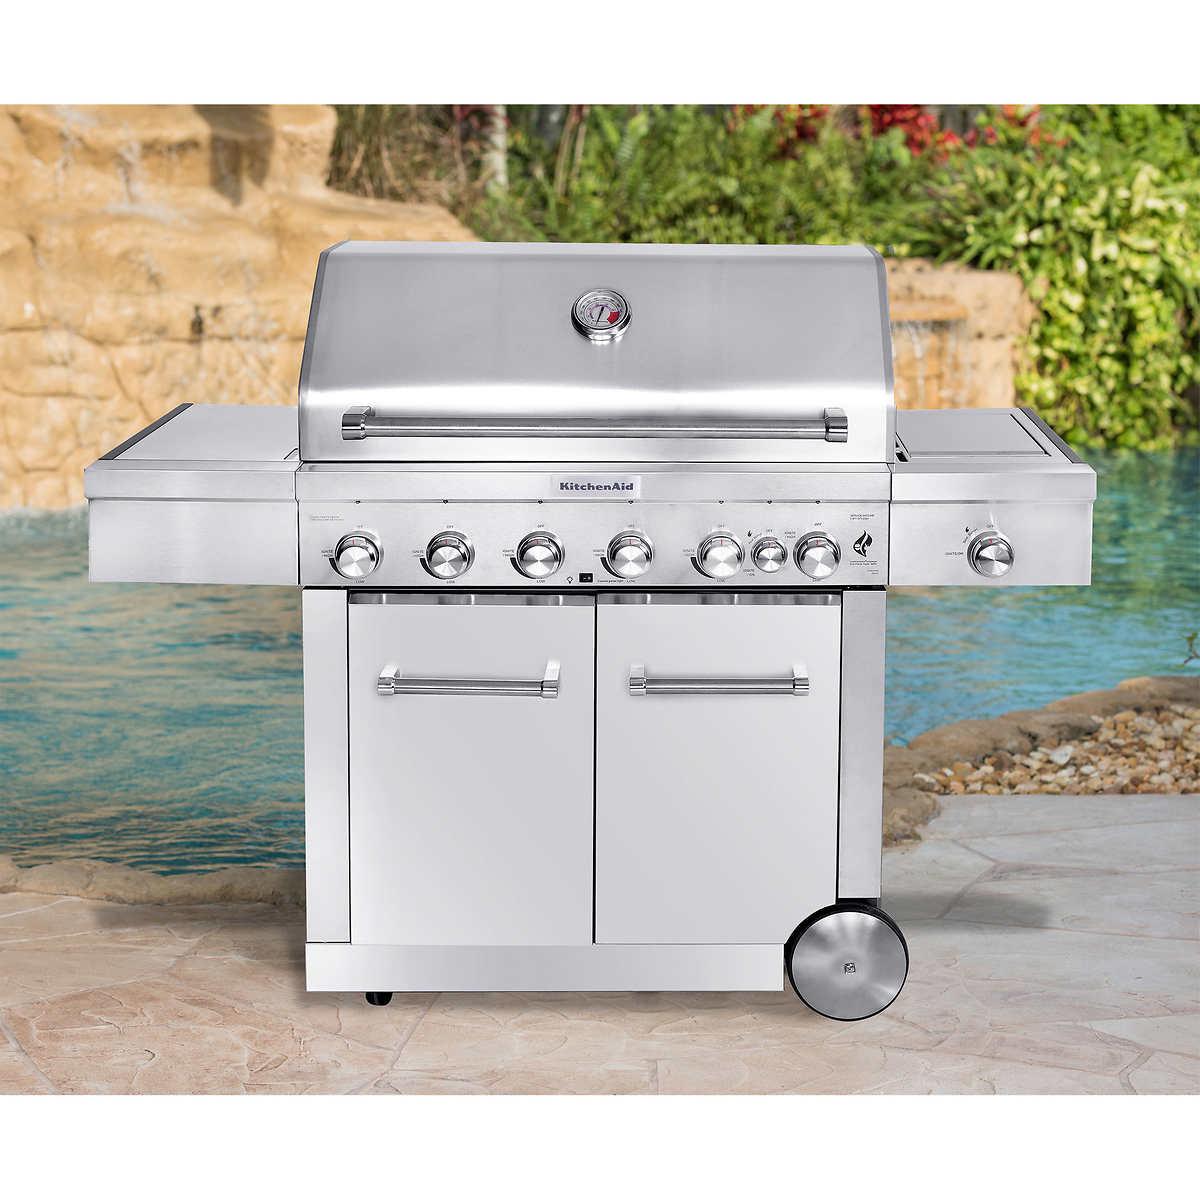 Kitchenaid Bbq Cover kitchenaid 8-burner grill